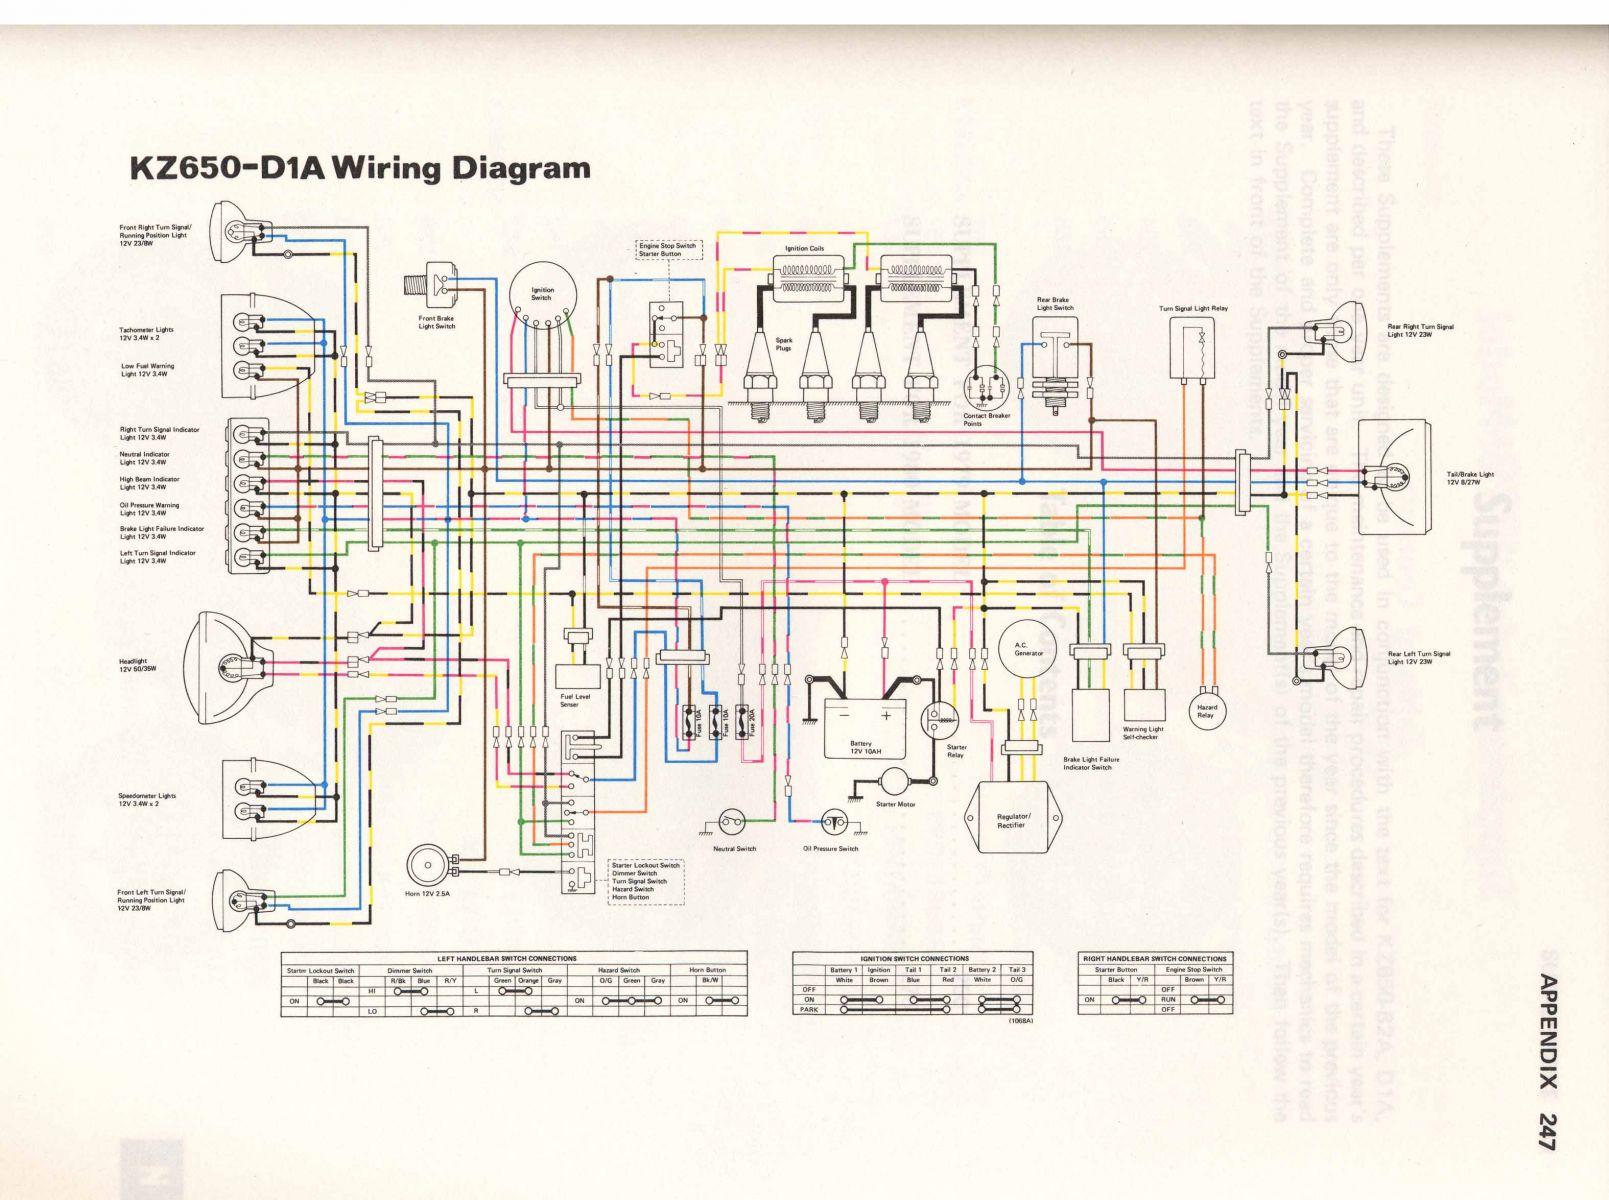 kz1000 wiring diagram 6 pin dpdt switch kz650 mystery kzrider forum kz z1 and z